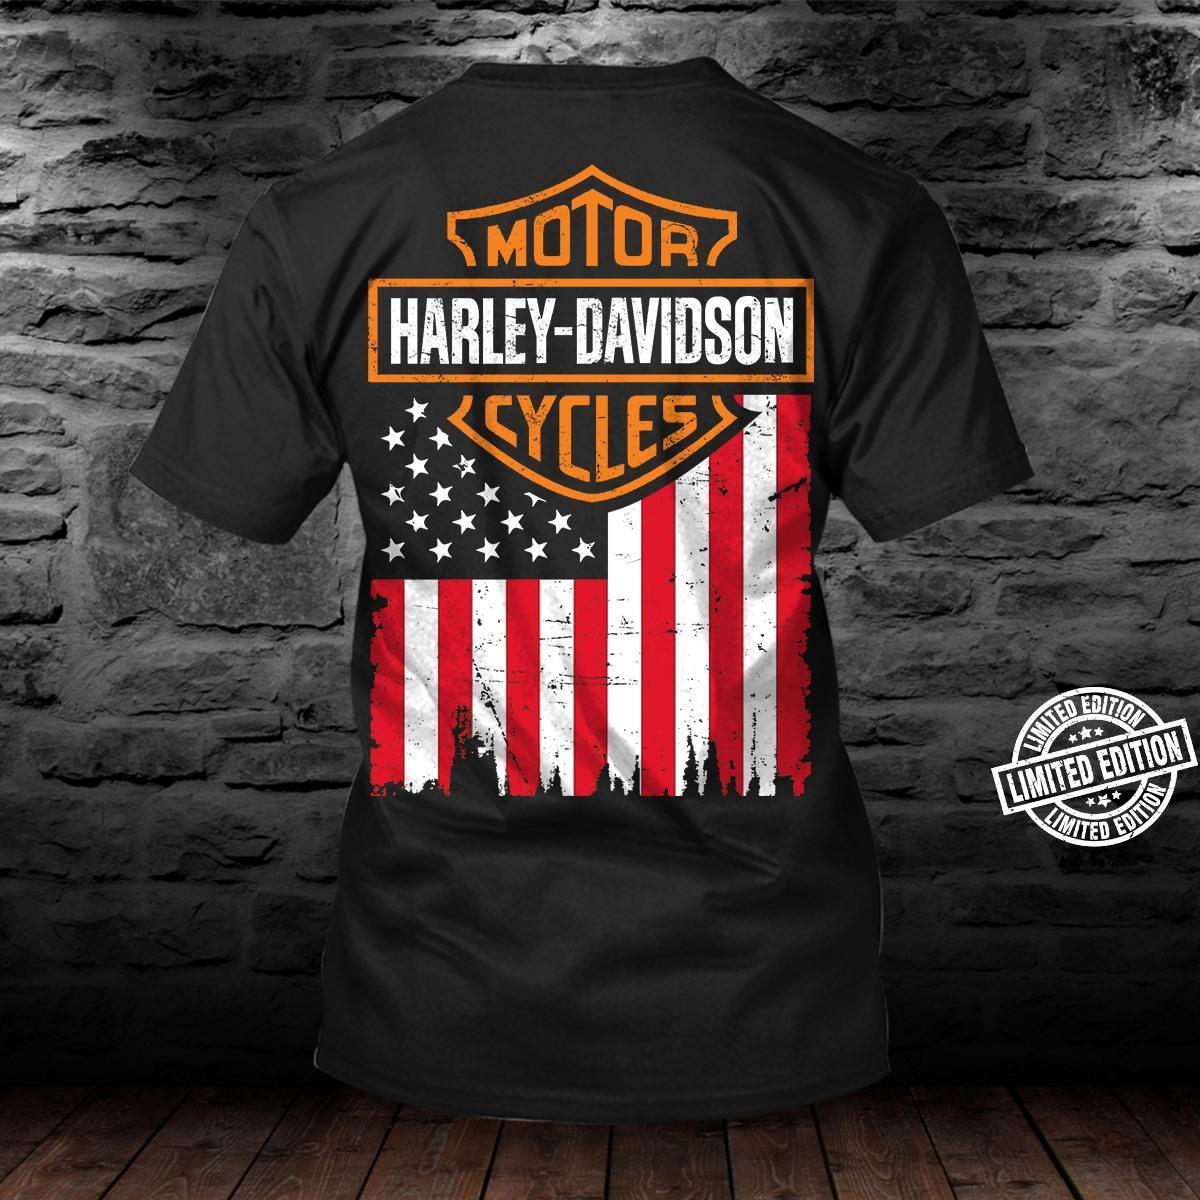 Motor harley-davidson cycles shirt